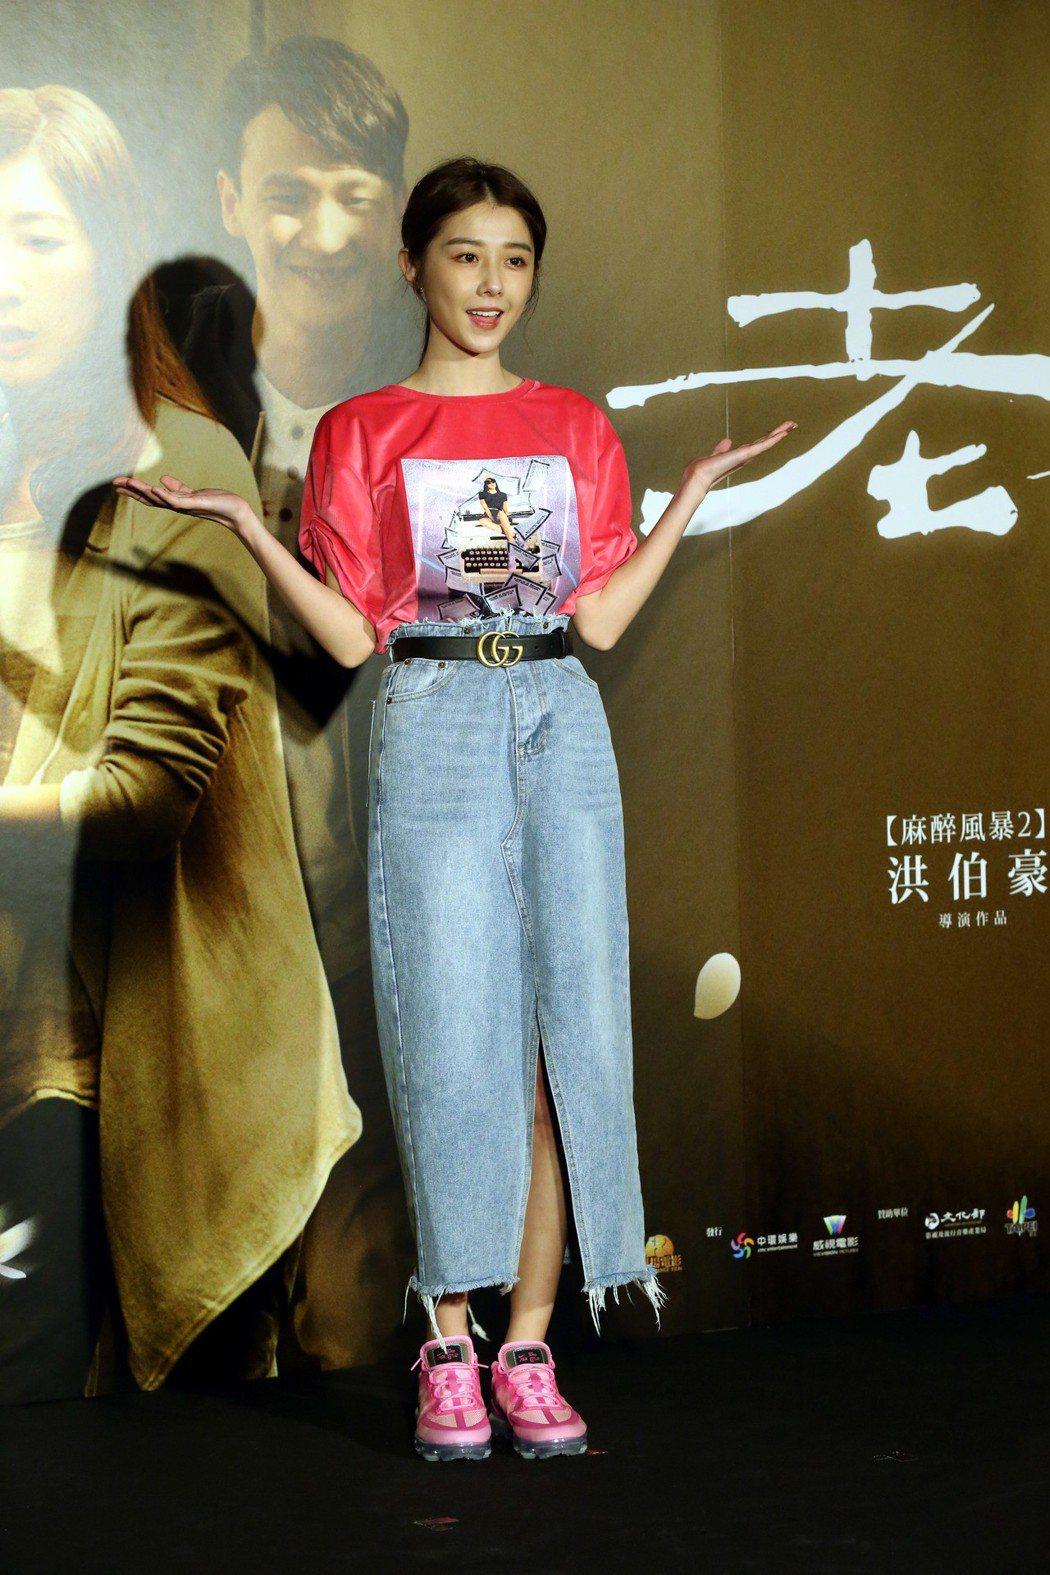 電影老大人首映會,邵雨薇到場觀賞。記者林俊良/攝影